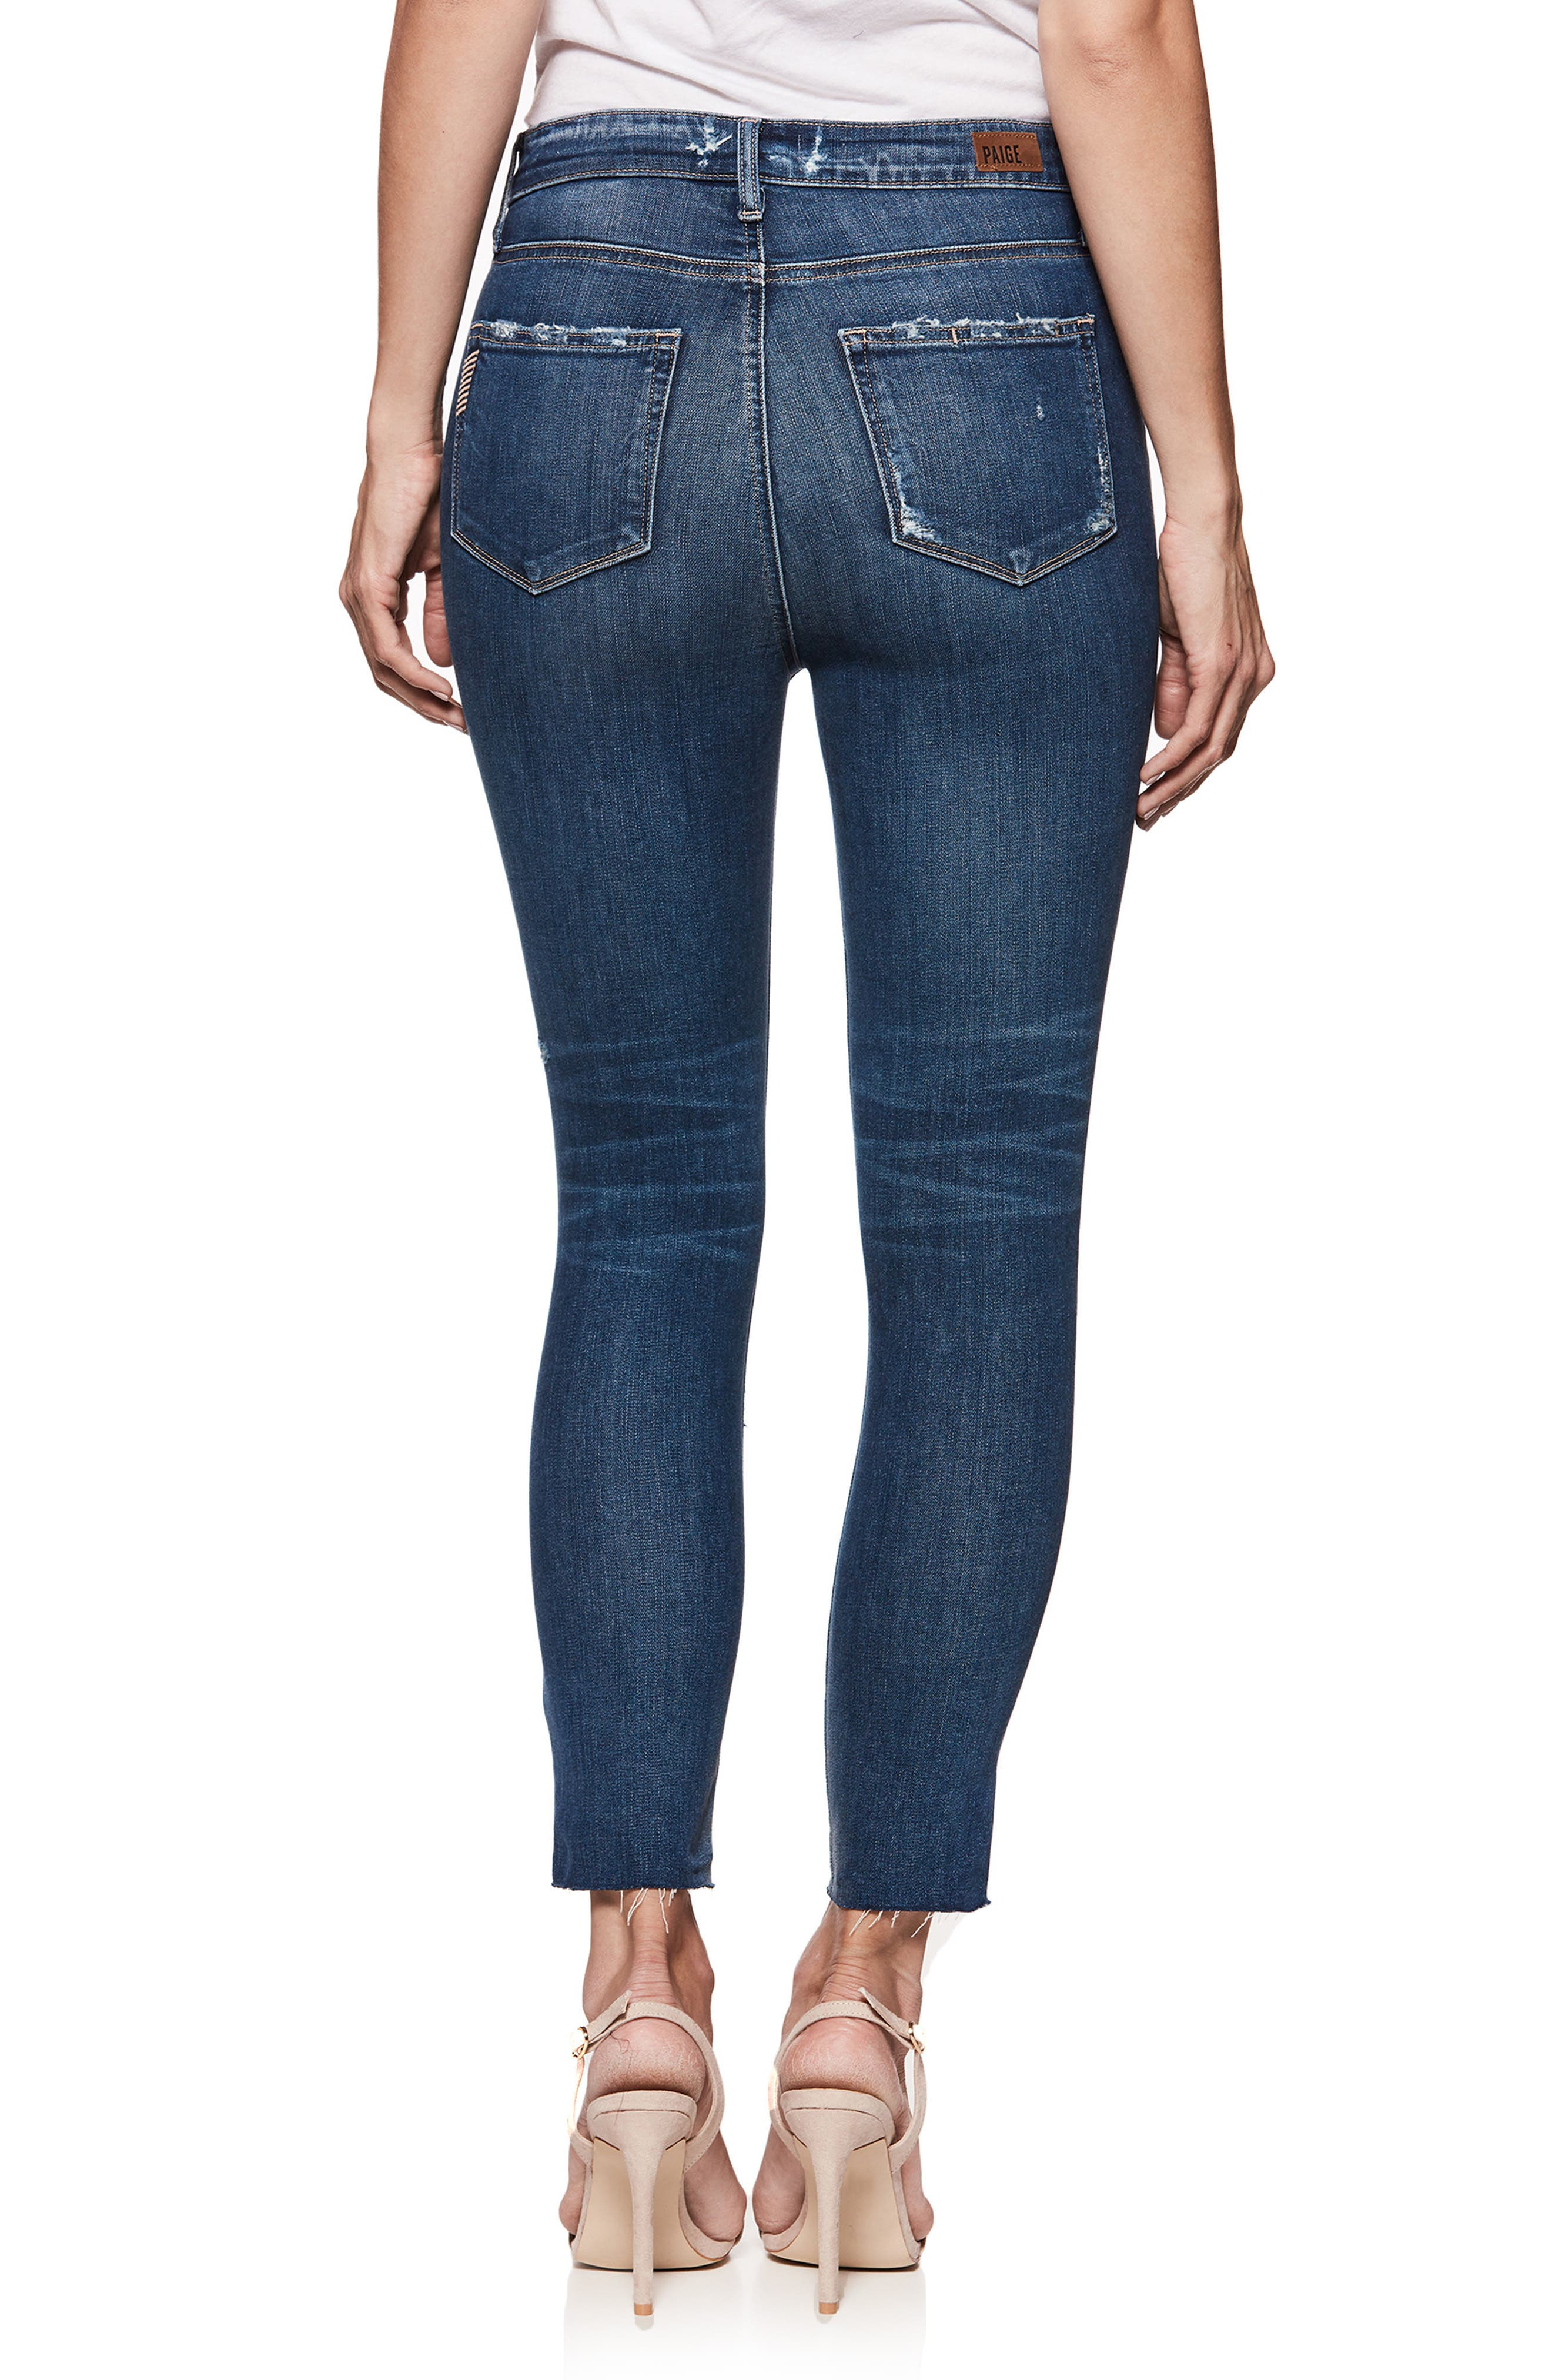 Transcend Vintage - Margot High Waist Crop Skinny Jeans,                             Alternate thumbnail 2, color,